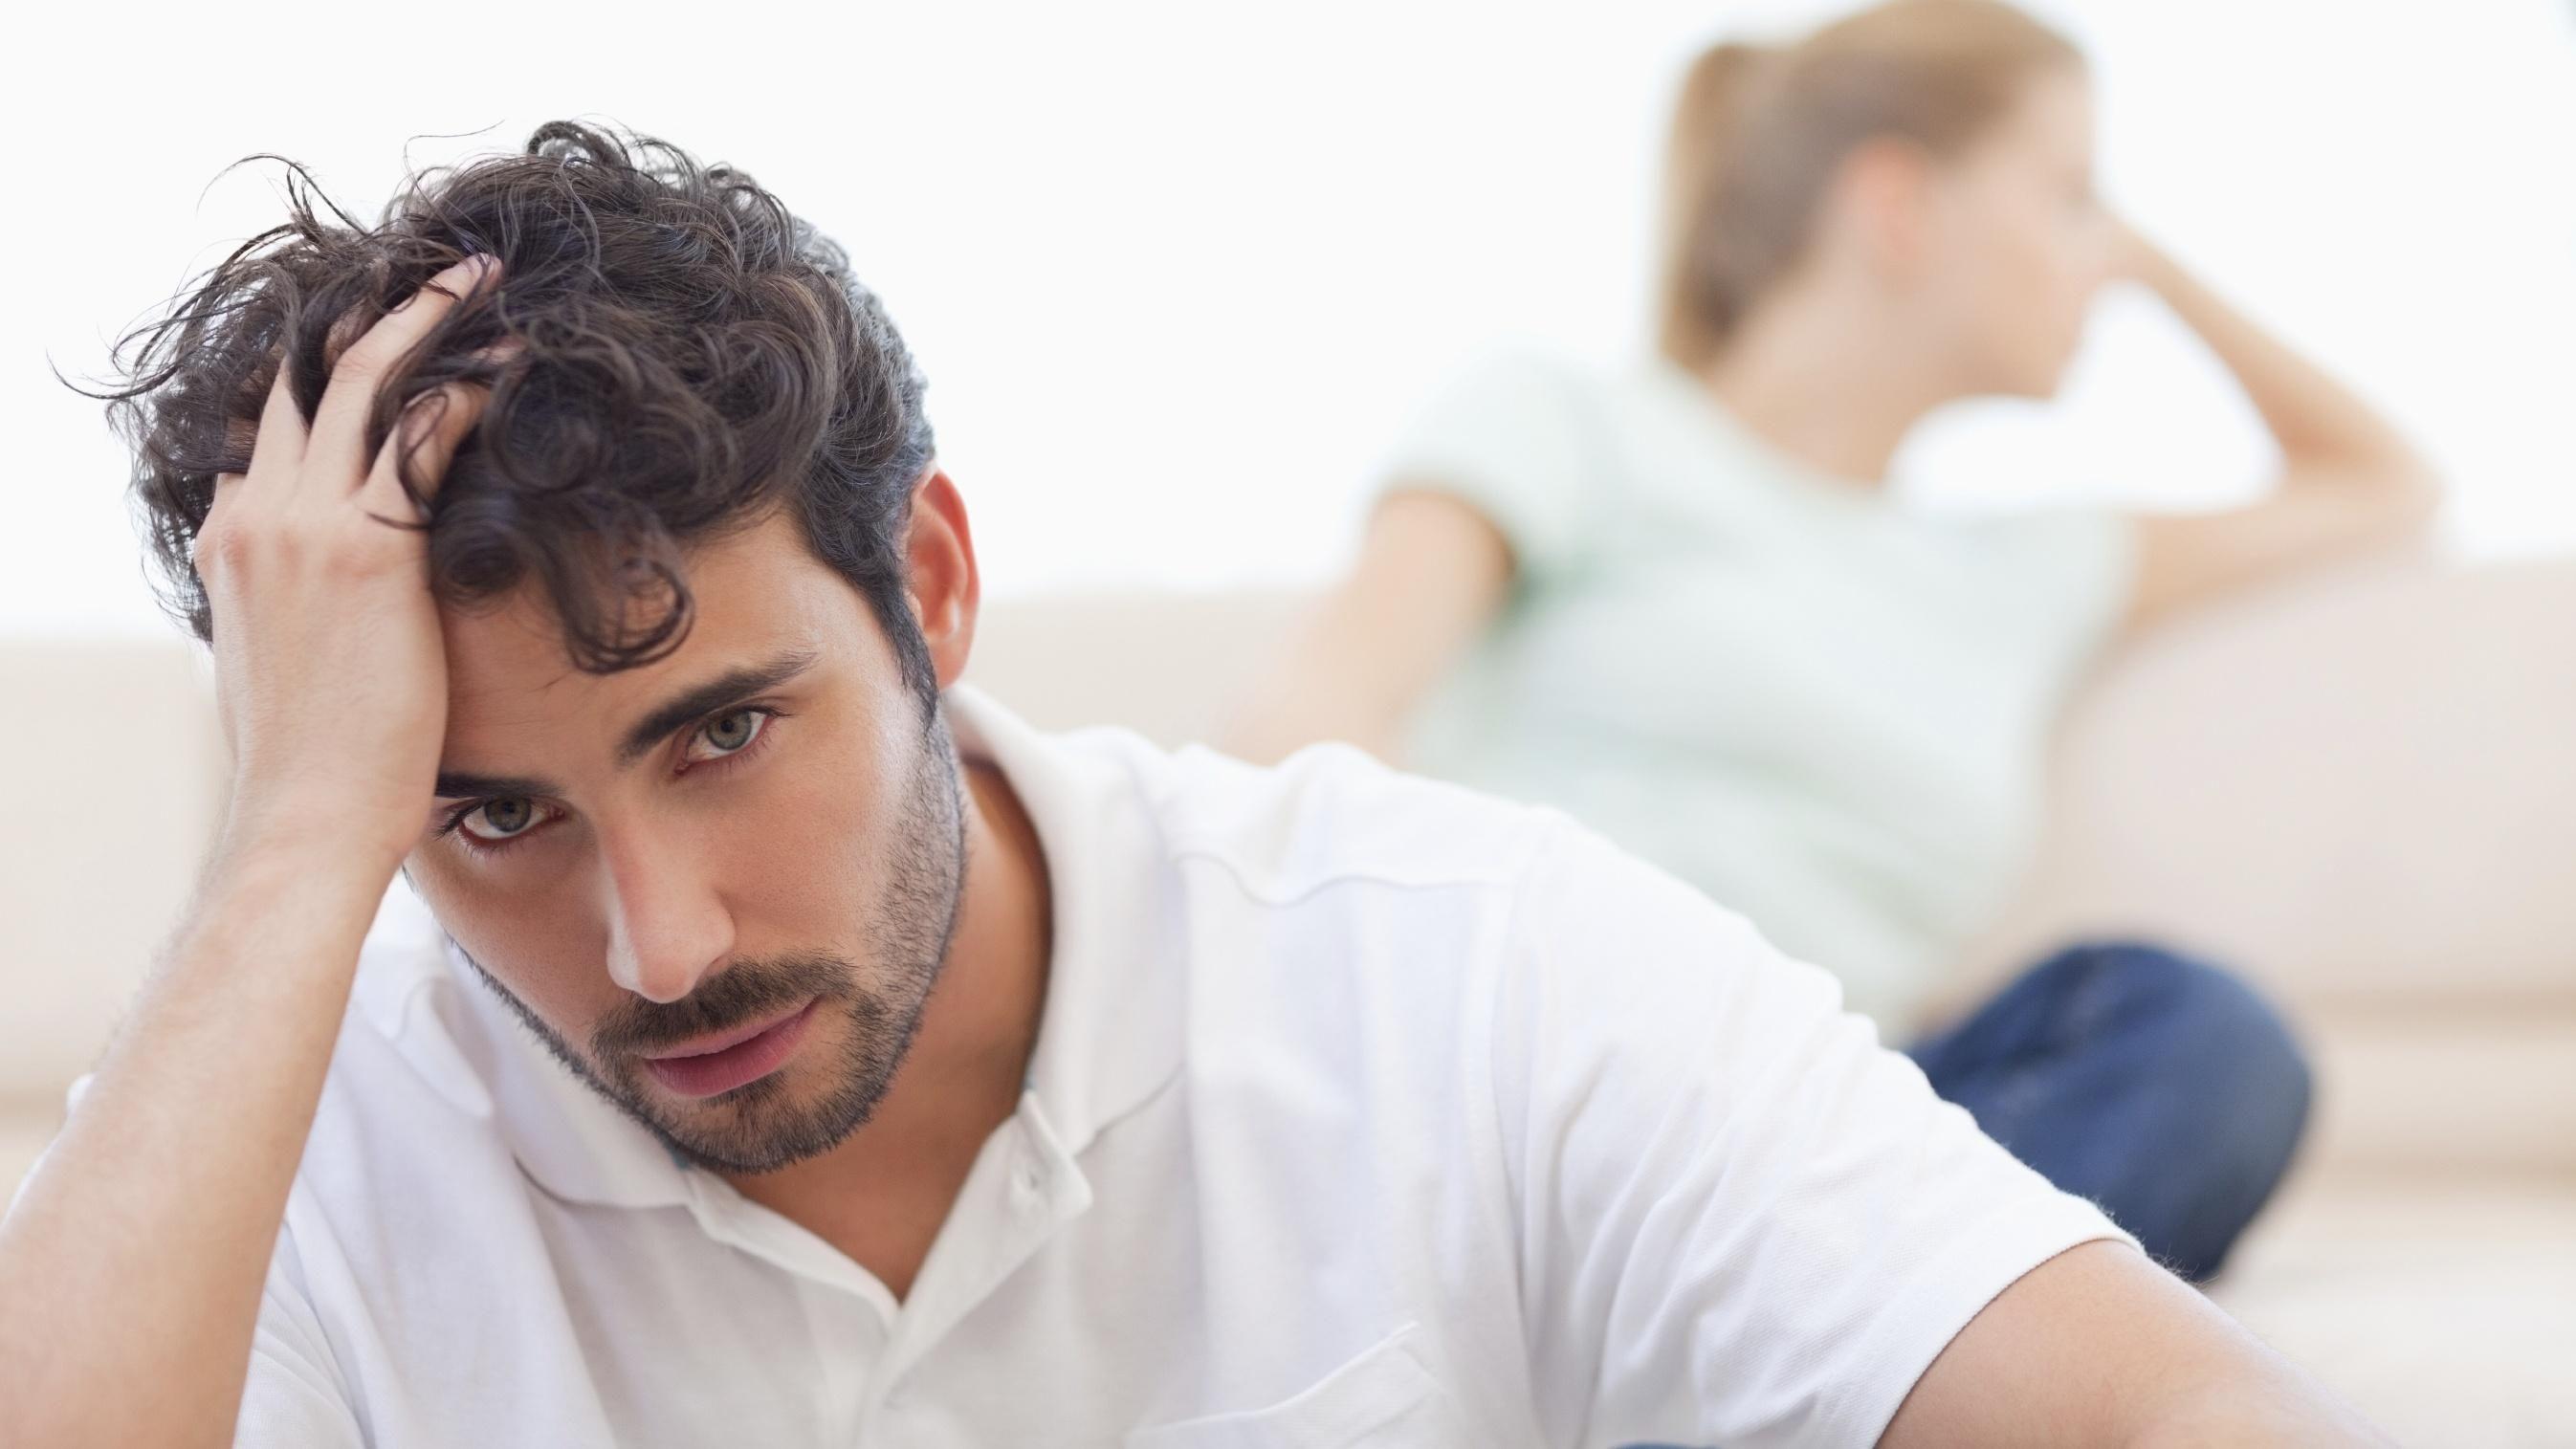 Как узнать могу ли я иметь детей: определить бесплоден ли мужчина и провериться